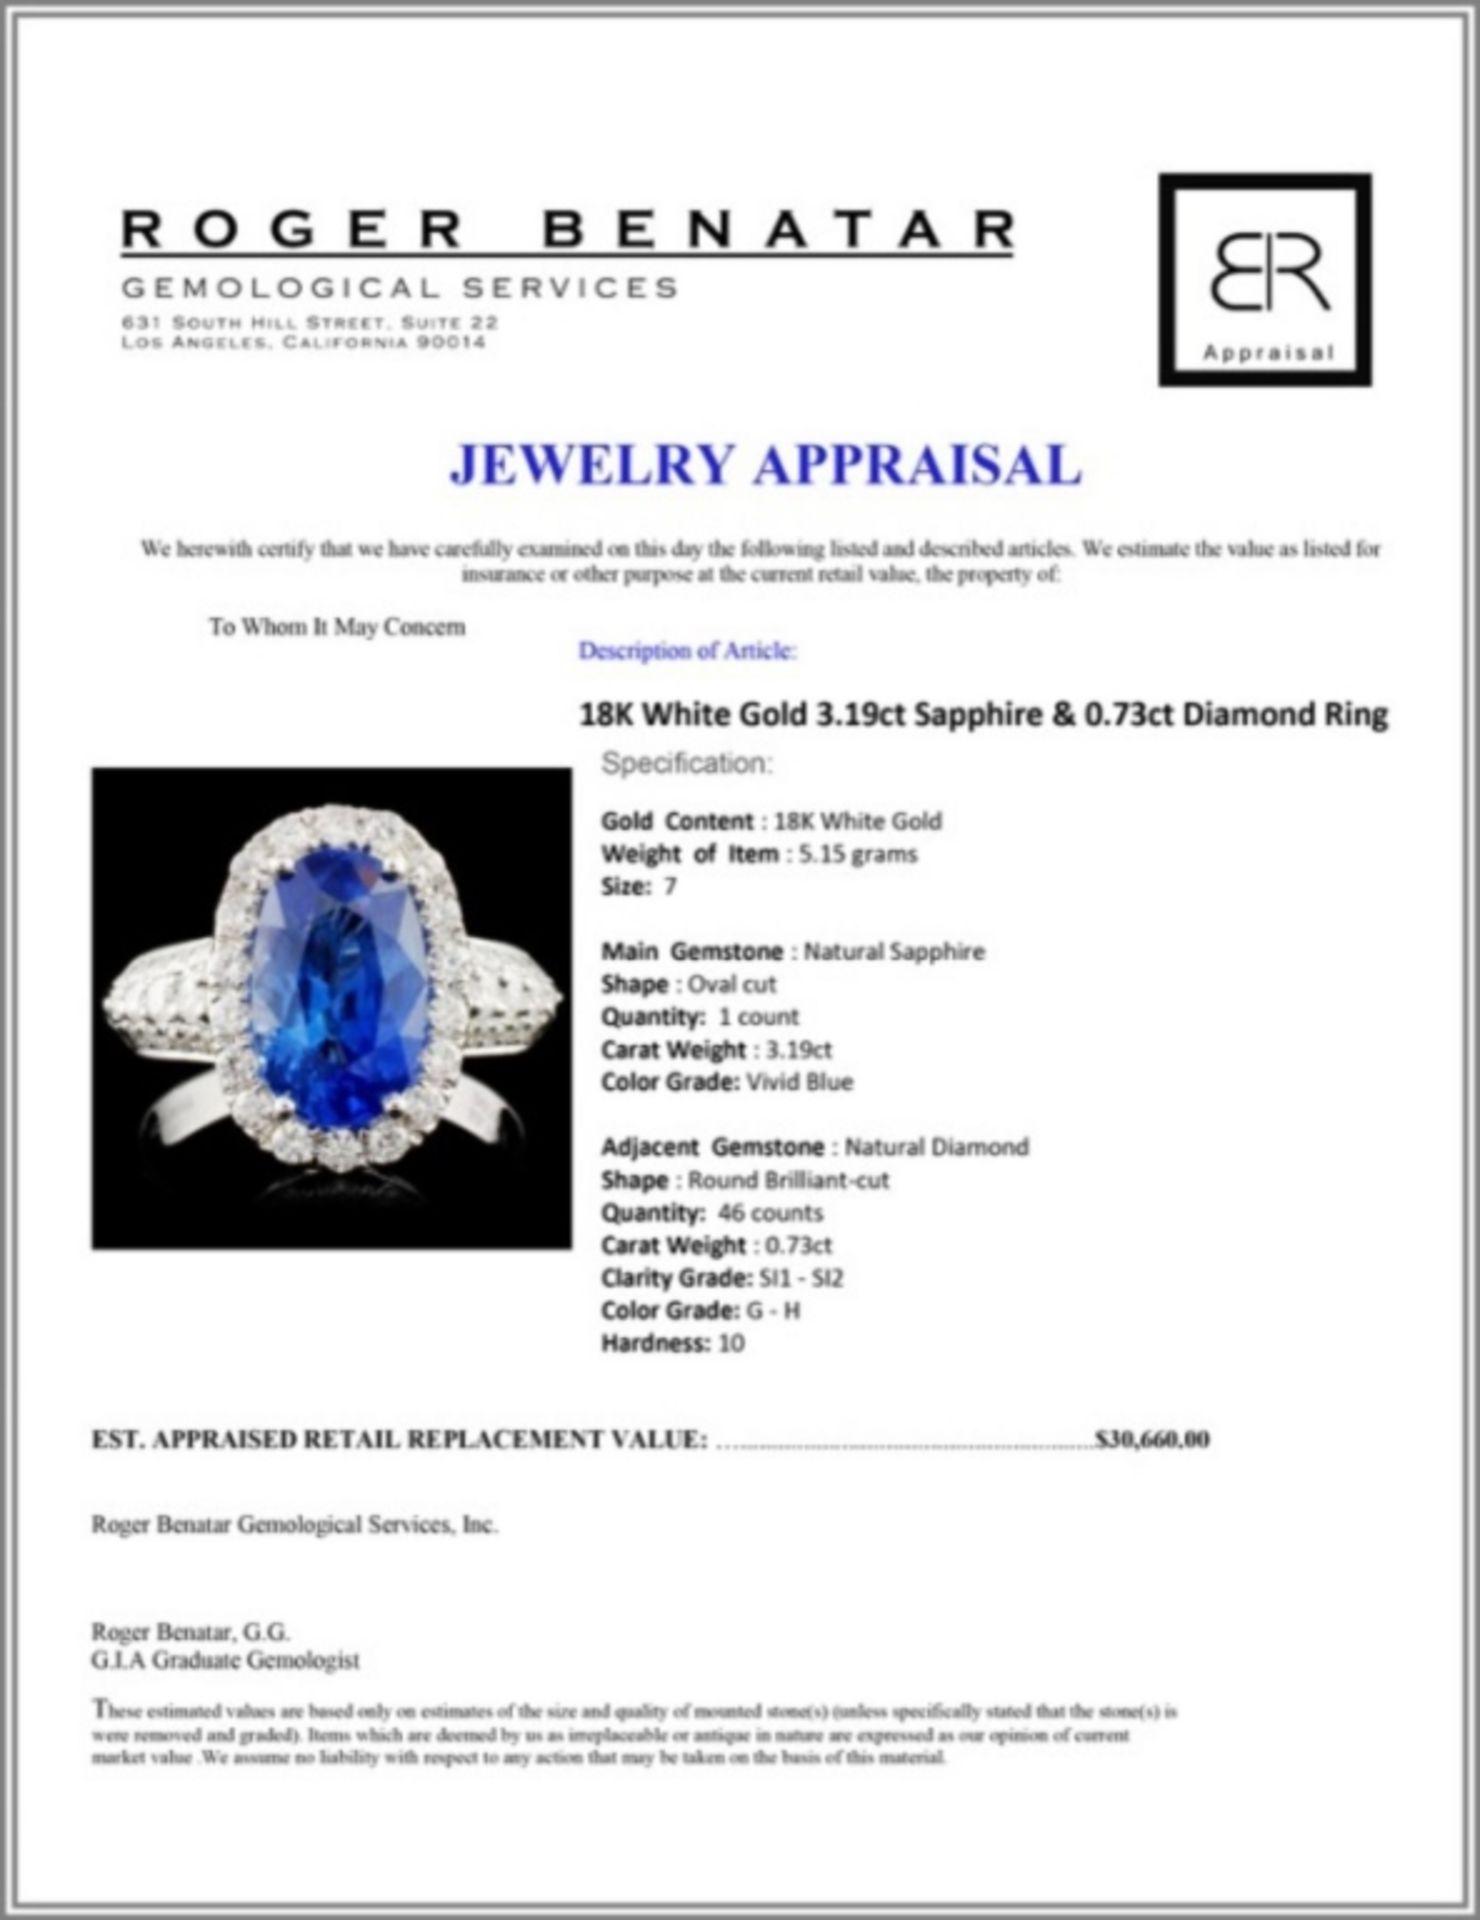 18K White Gold 3.19ct Sapphire & 0.73ct Diamond Ri - Image 4 of 4